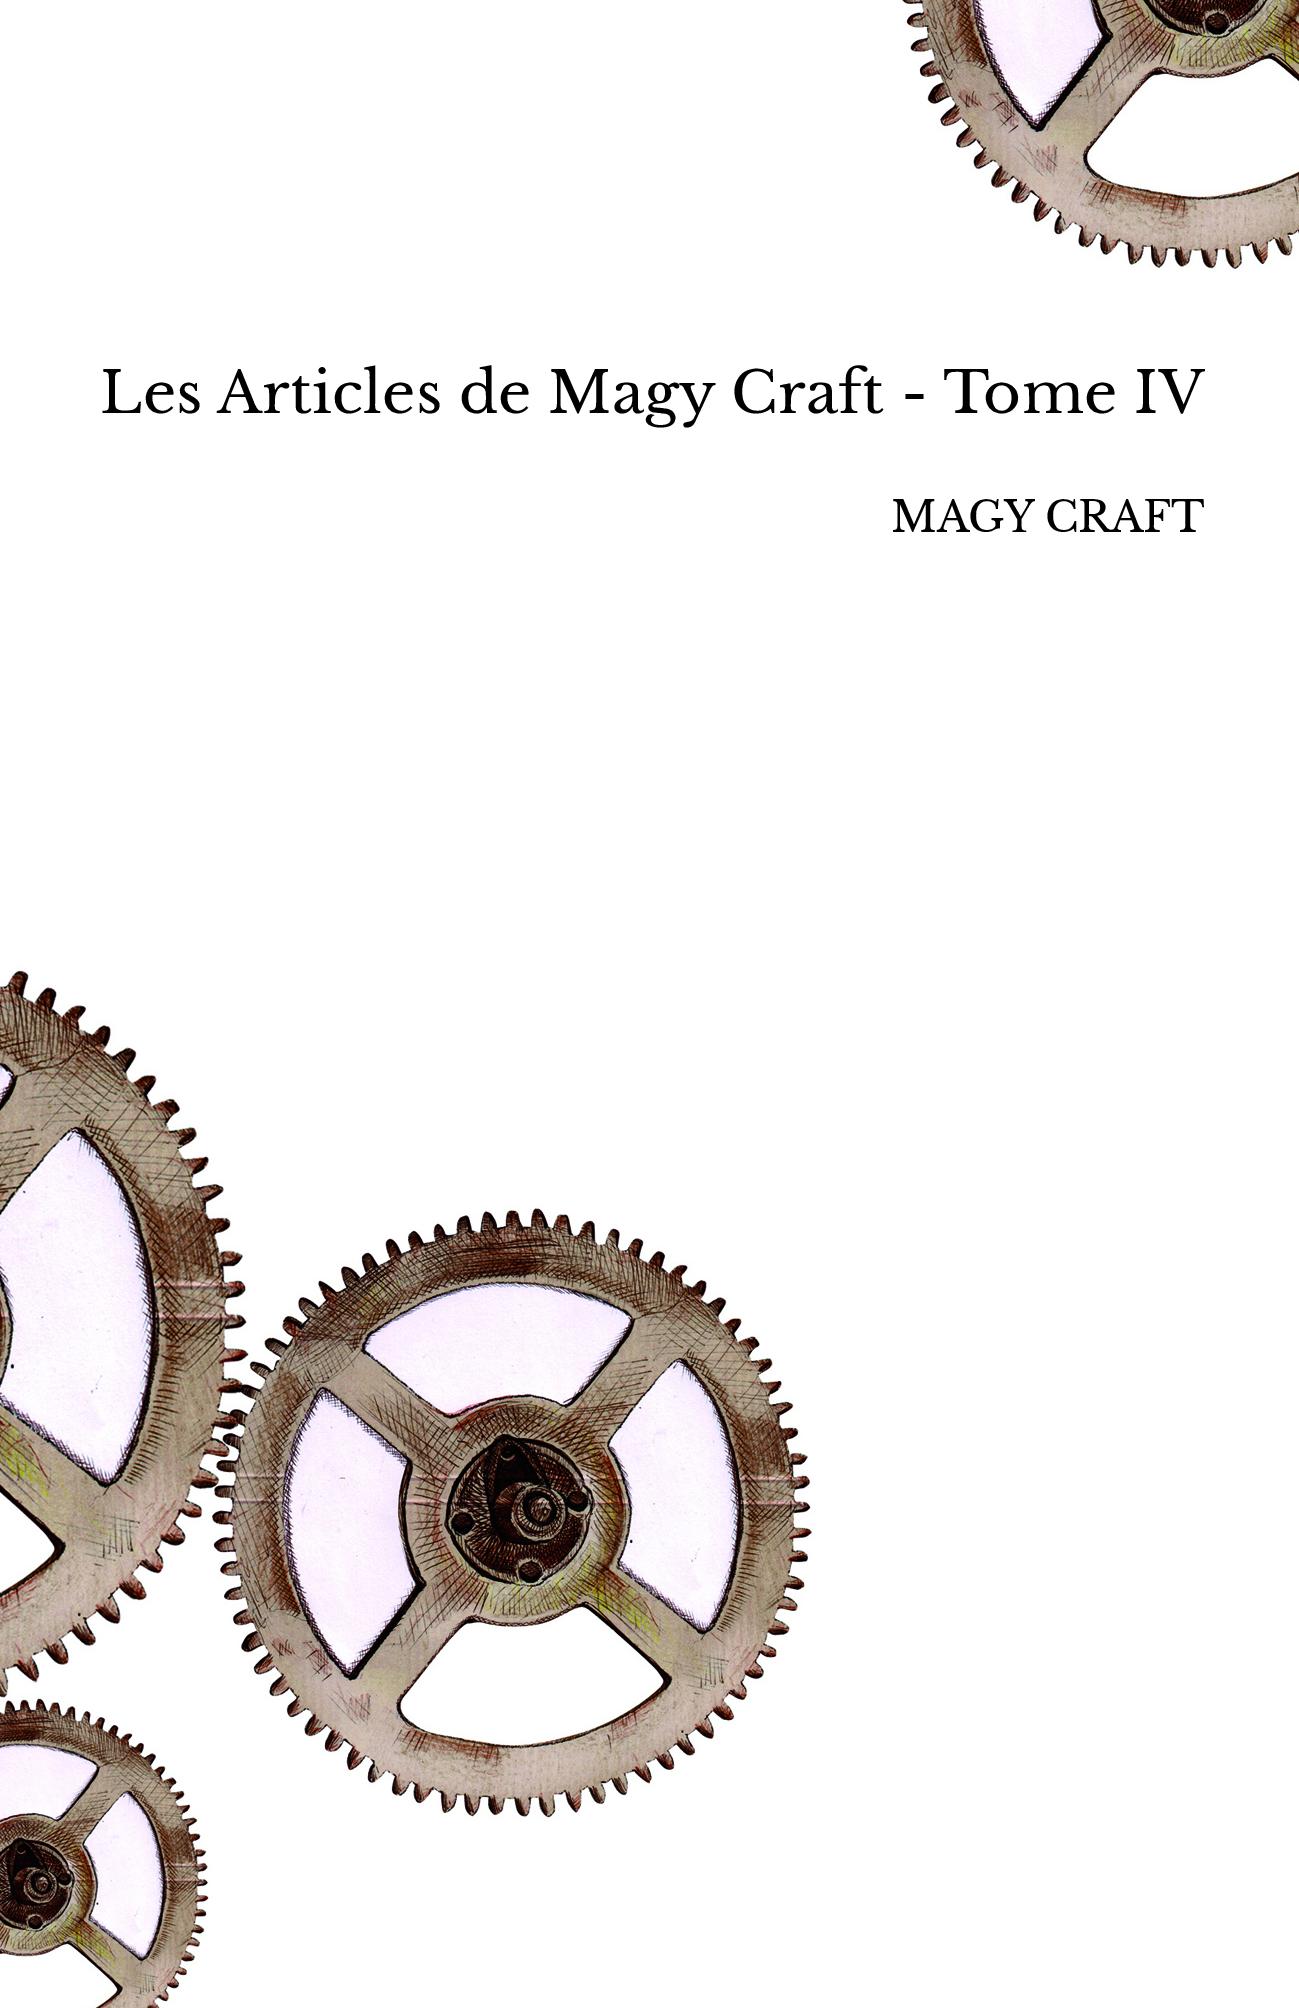 Les Articles de Magy Craft - Tome IV